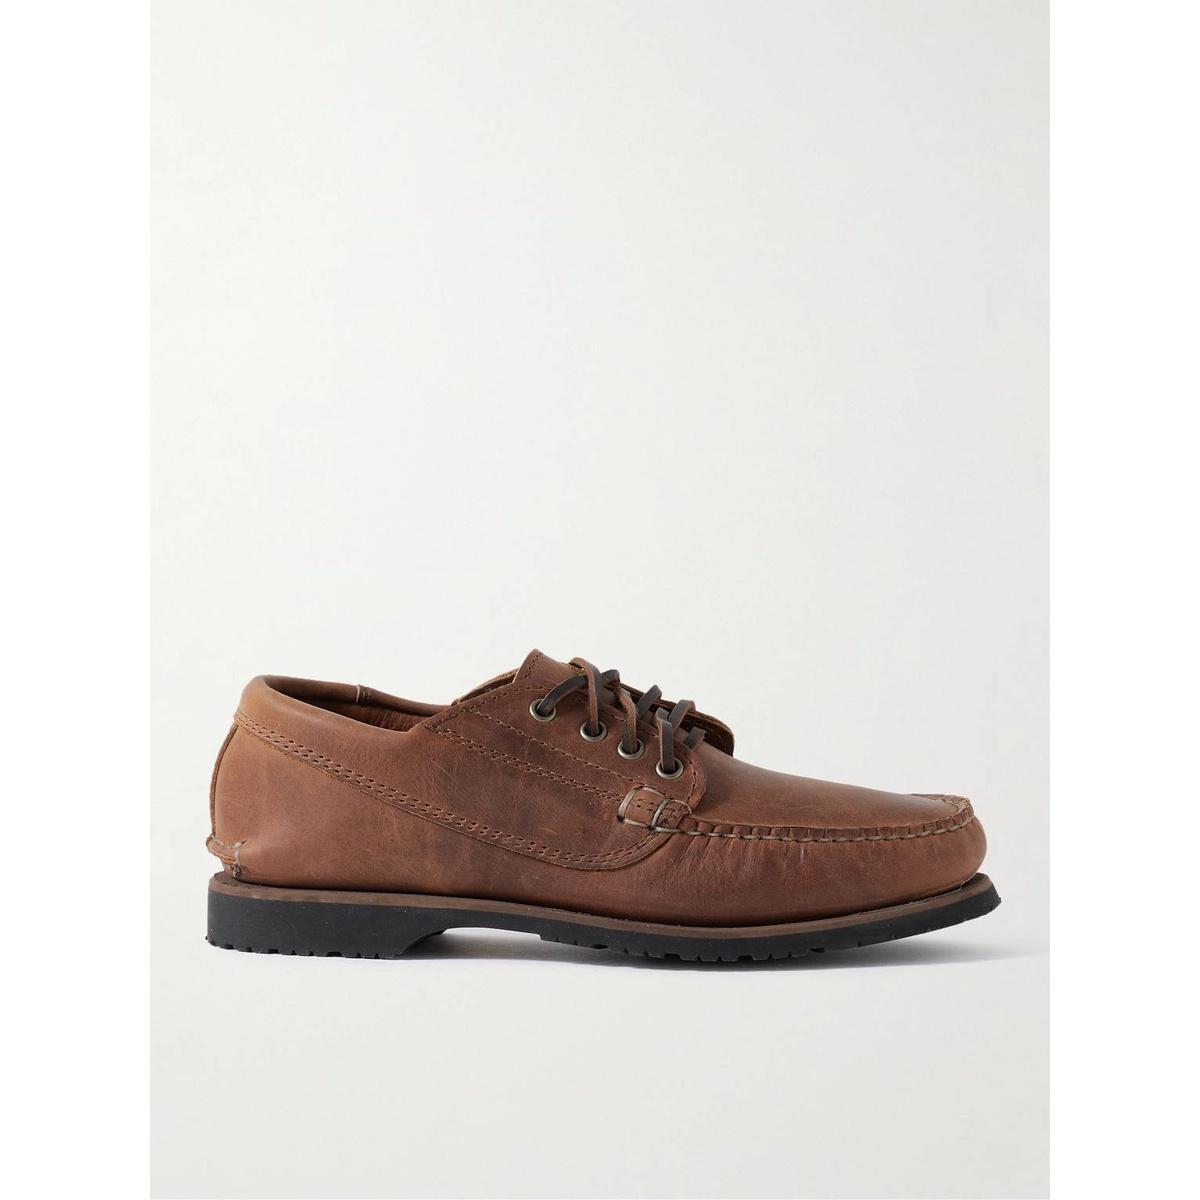 代购Quoddy Maliseet 550 皮质船鞋男2021新款奢侈品舒适时尚低帮